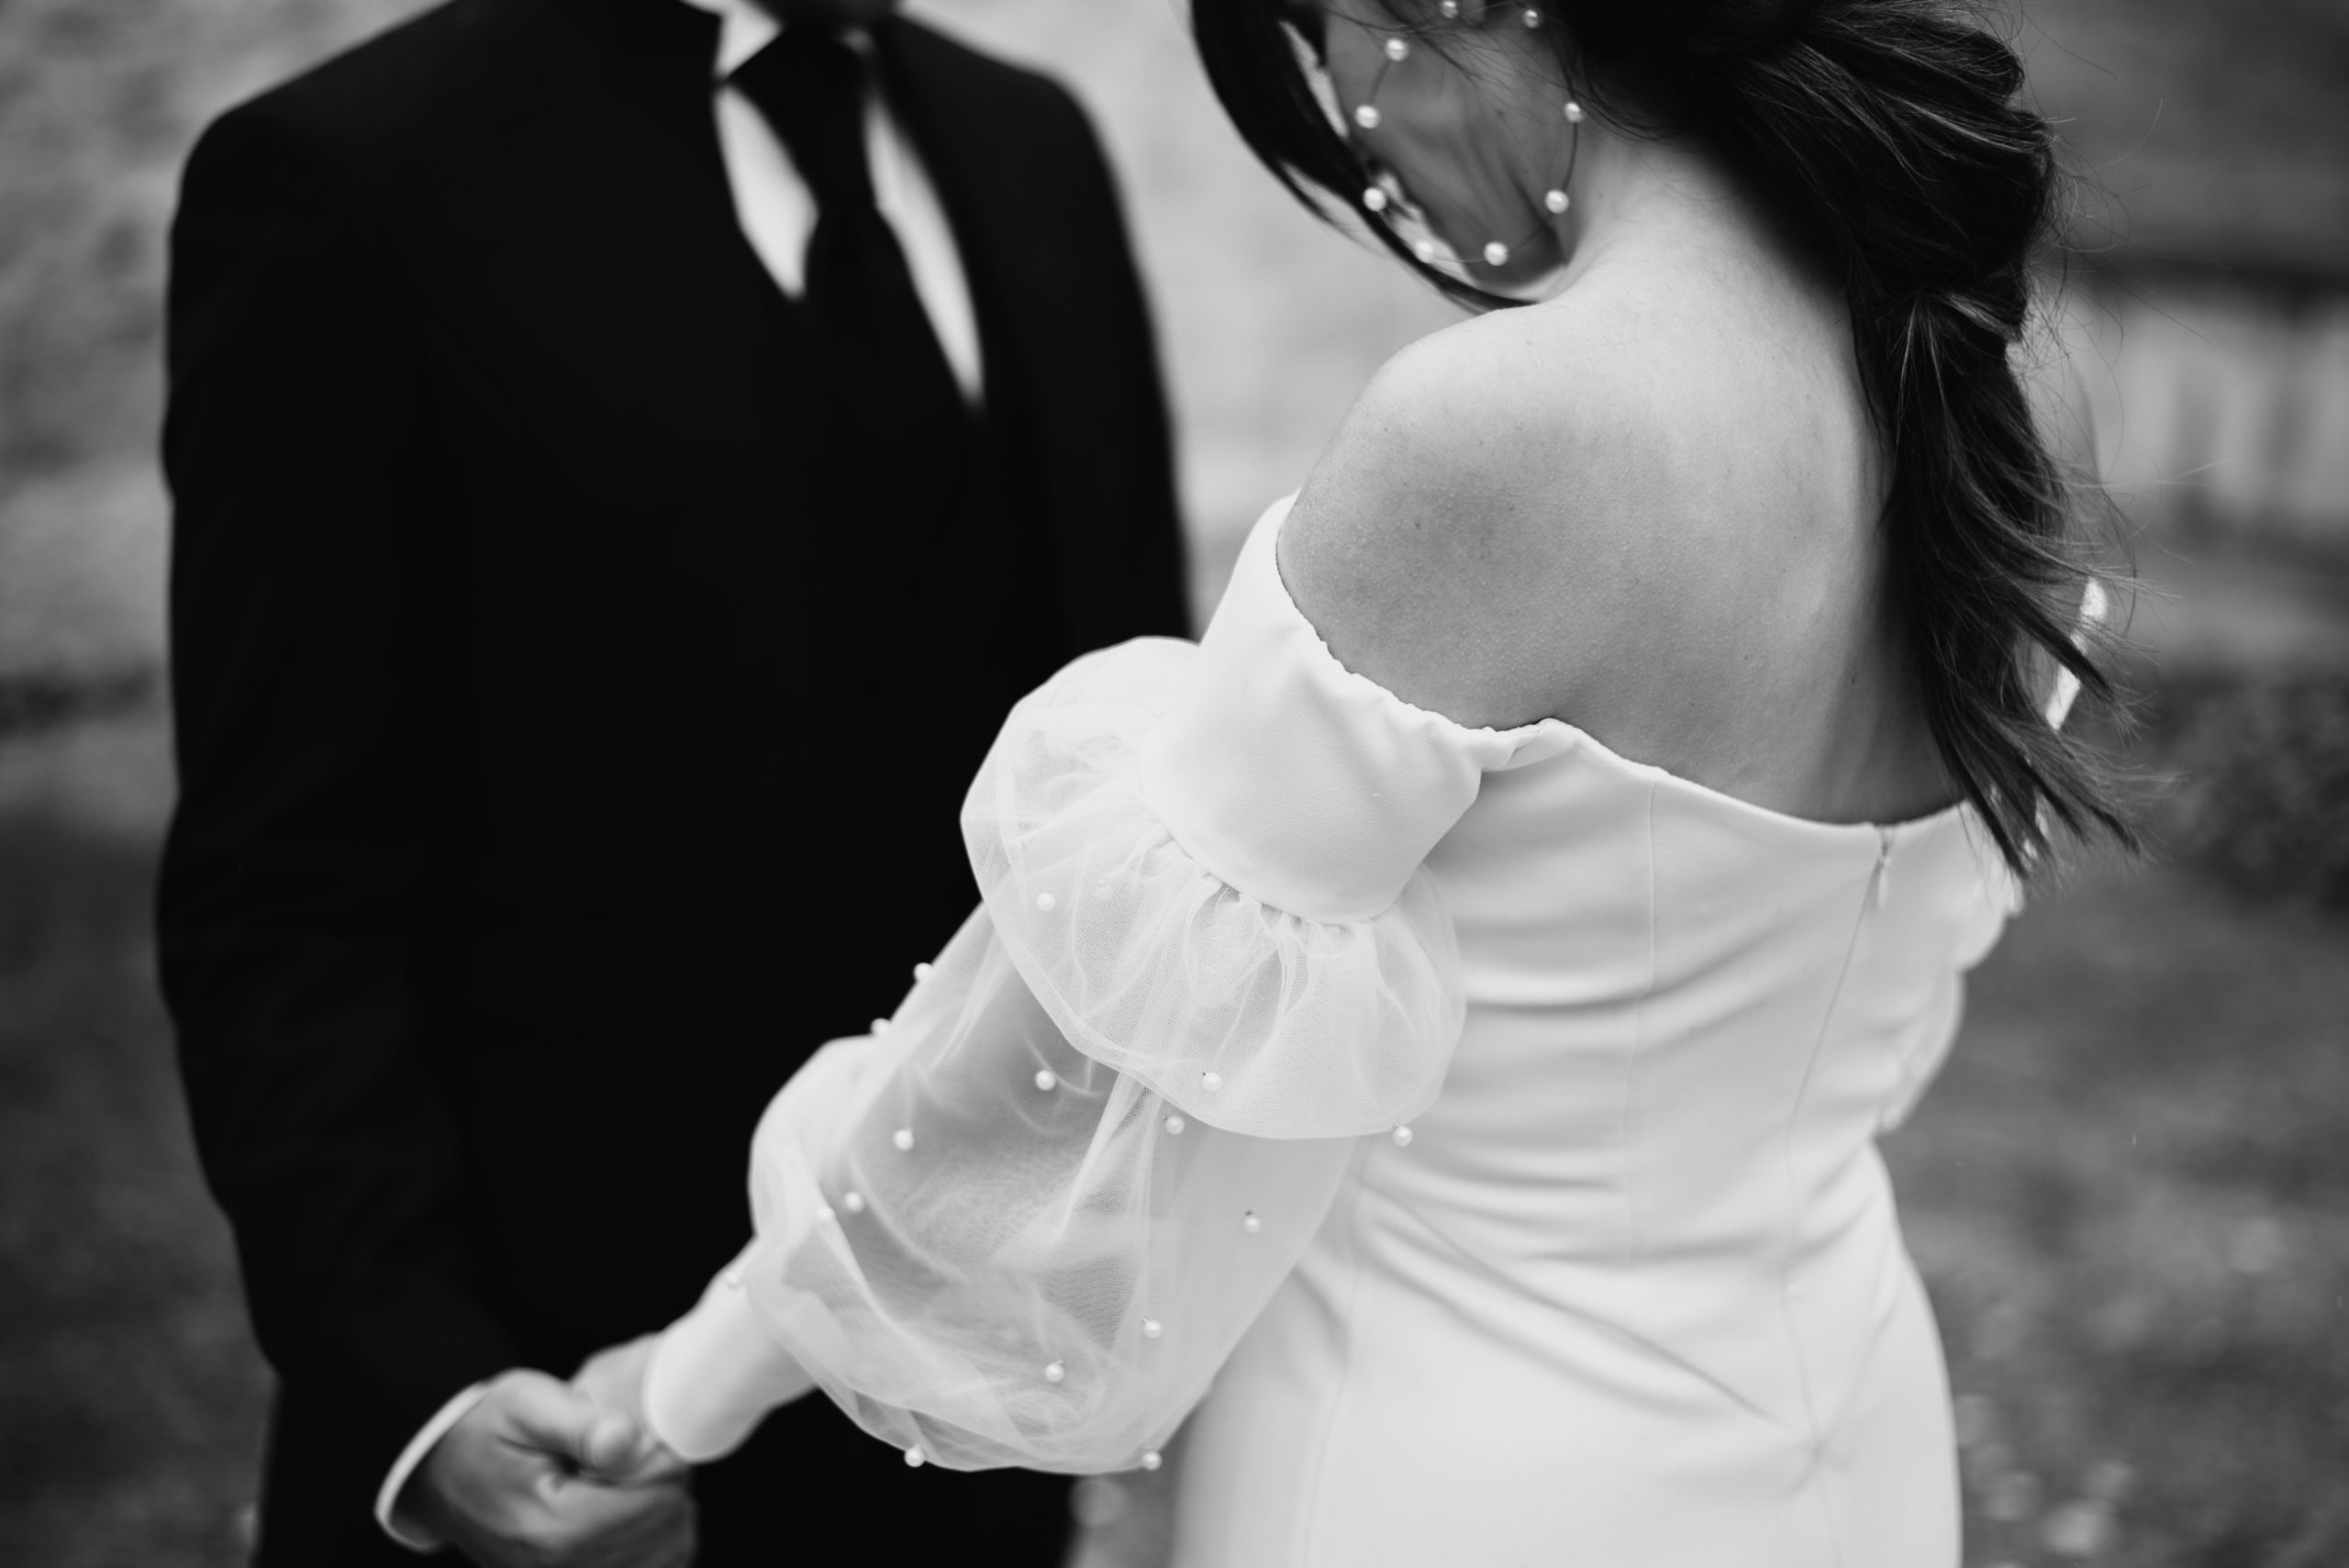 Novio con traje y novia con vestido agarrándose de la mano